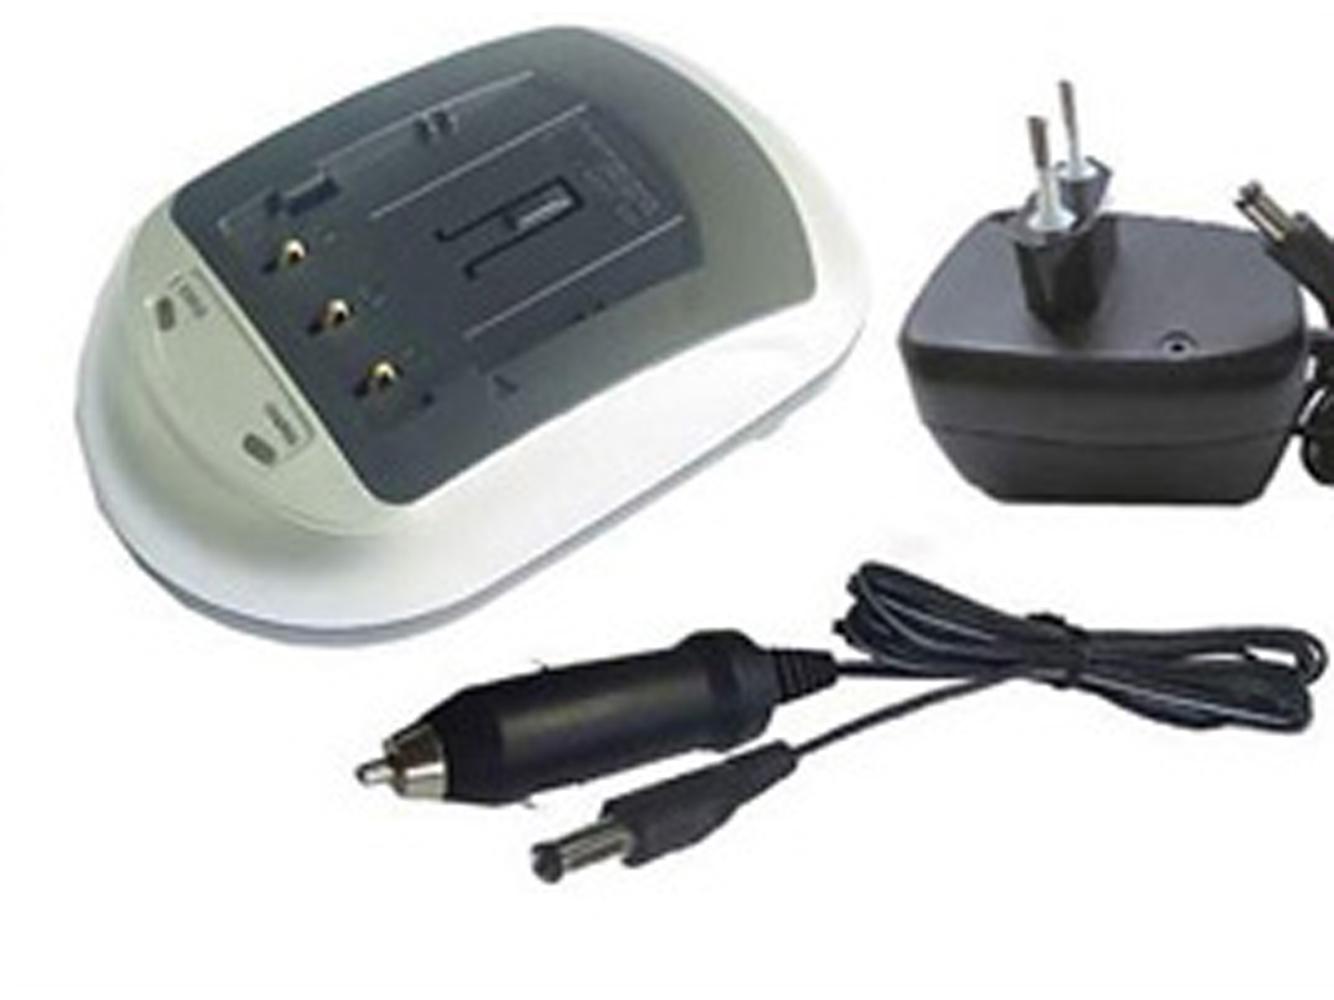 Battery Charger for SHARP BT-2U, BT-L1, BT-L12U, BT-L2, BT-L2U, BT-L11, BT-L22U